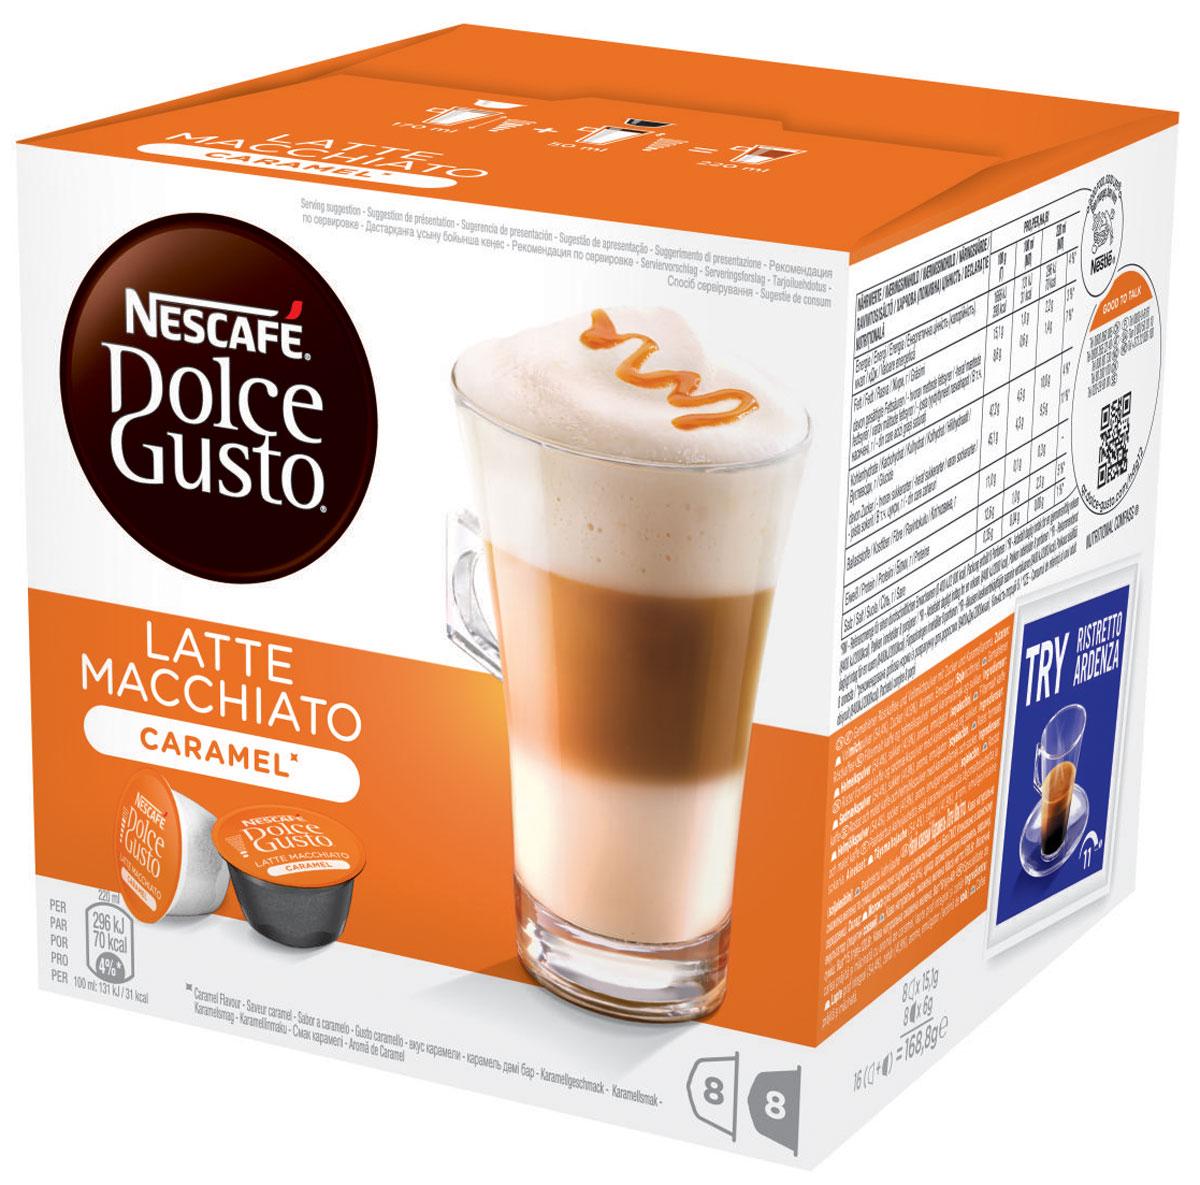 Nescafe Dolce Gusto Latte Macchiato со вкусом карамели кофе в капсулах, 16 шт0120710Nescafe Dolce Gusto Latte Macchiato со вкусом карамели - это утонченный кофейный напиток. Терпкий вкус распределяется через пропитанное карамелью молоко, создавая необычайно мягкий сладкий напиток, который мог быть создан только руками бариста.Увенчанный короной из снежной пены, этот капсульный латте имеет классические карамельные нотки, что делает его идеальным напитком для любителей сладкого кофе. Стильный вид и украшение в виде пятнышка кофе – этот латте исключительно подходит для получения удовольствия в любое время дня. Его легко приготовить, сохранив качество напитка, аналогичное кофейне.В состав входят: 8 кофейных капсул8 молочных капсул